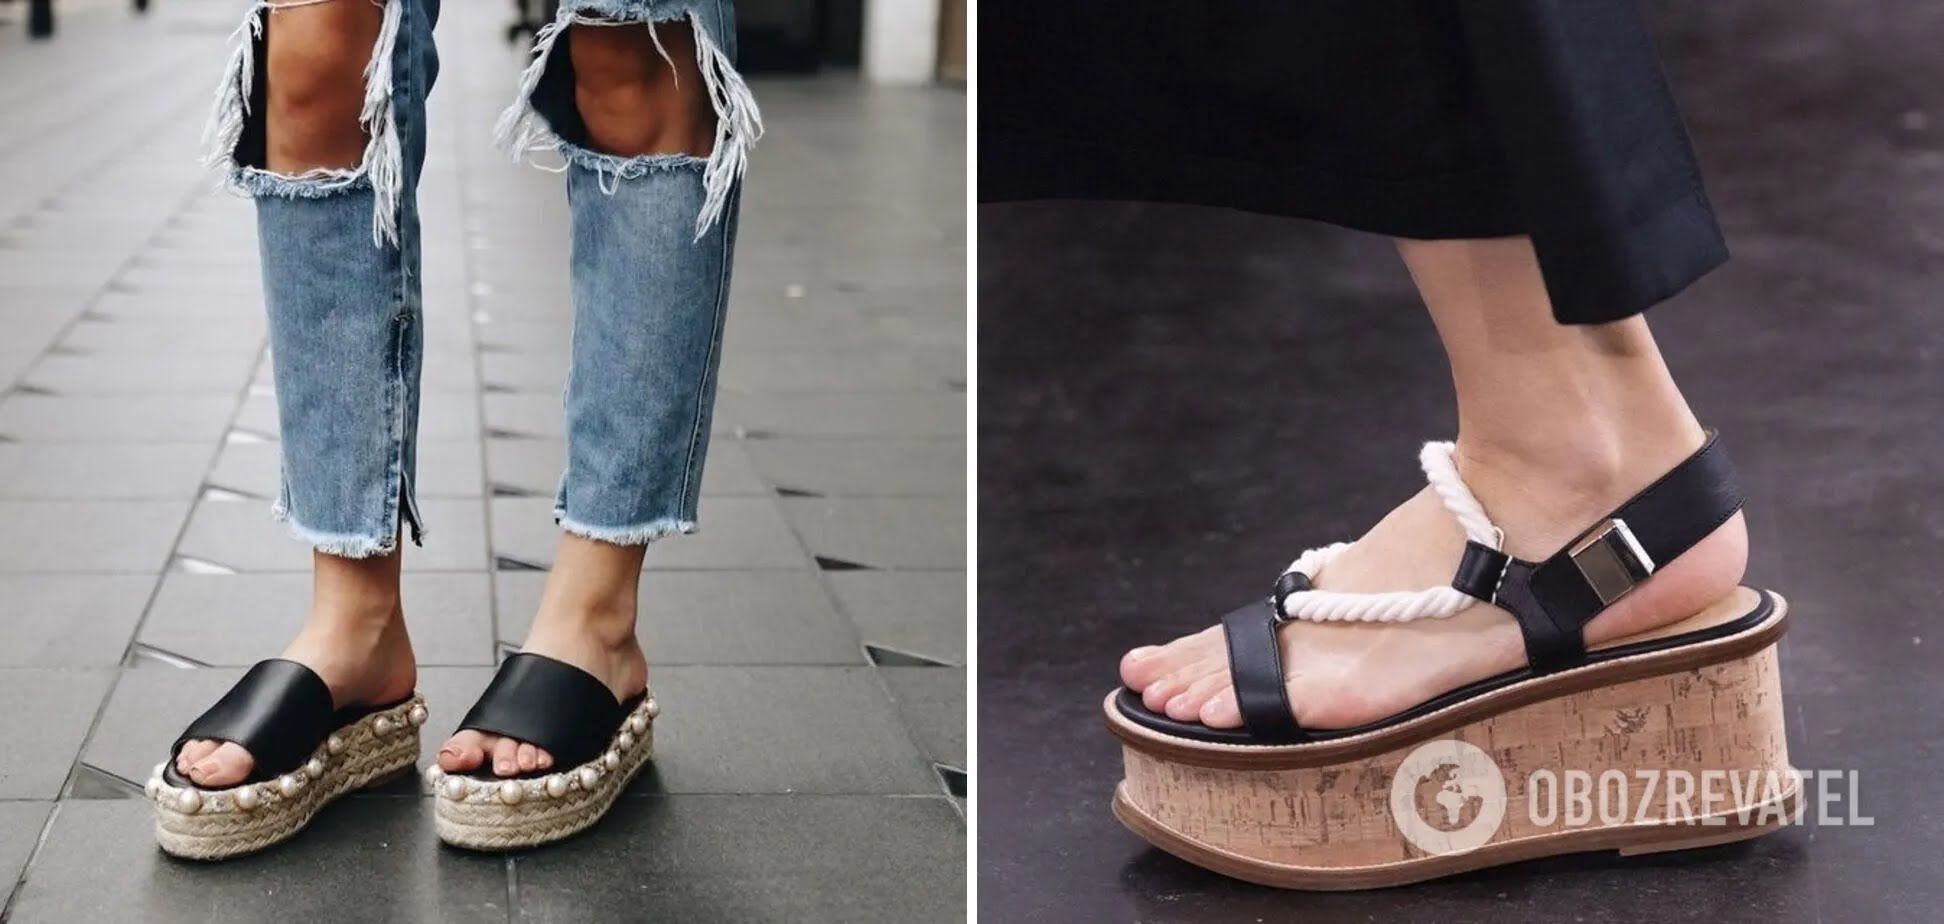 Взуття з грубою підошвою з декором стало трендом у 2021